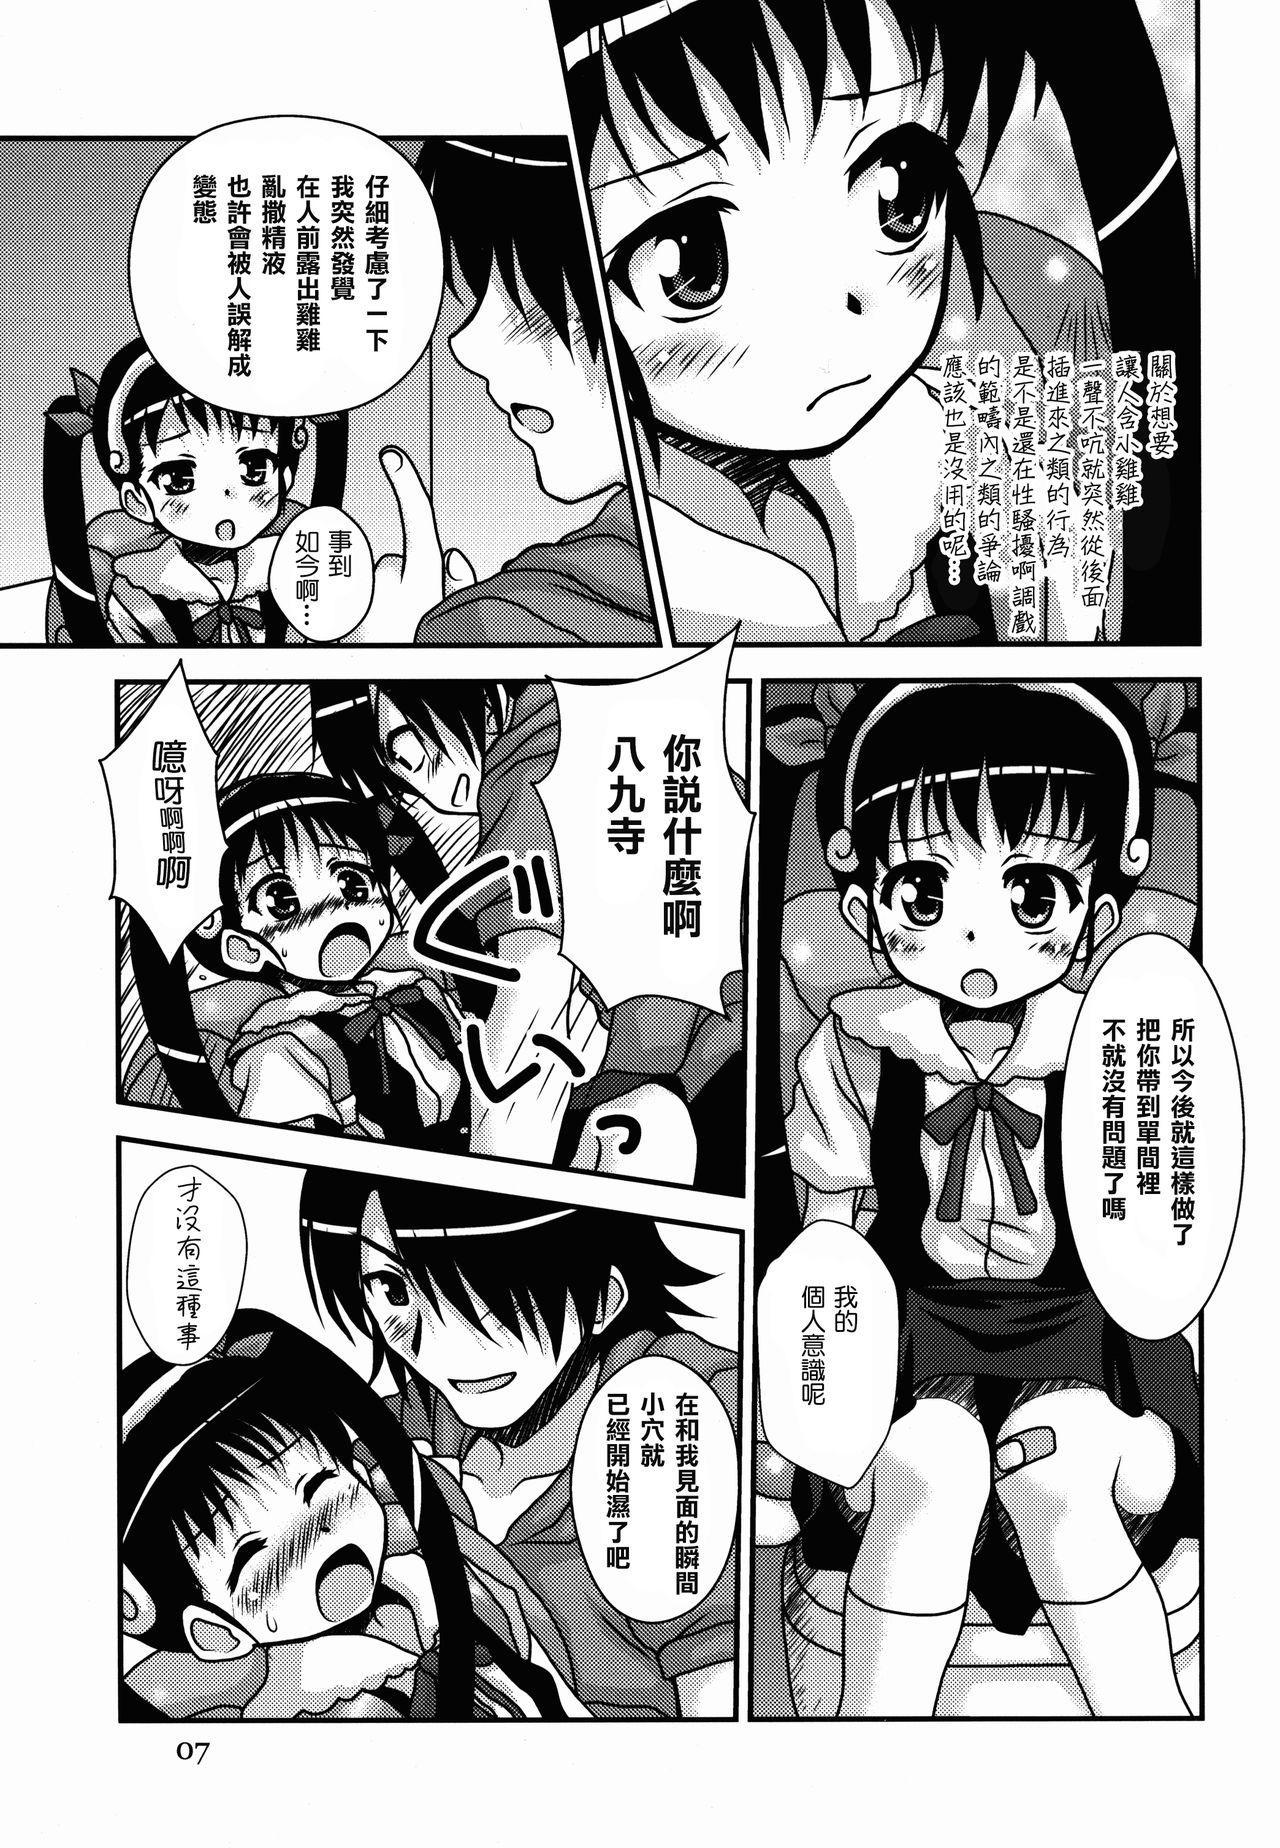 Sanpou Ichiryou Zon 6